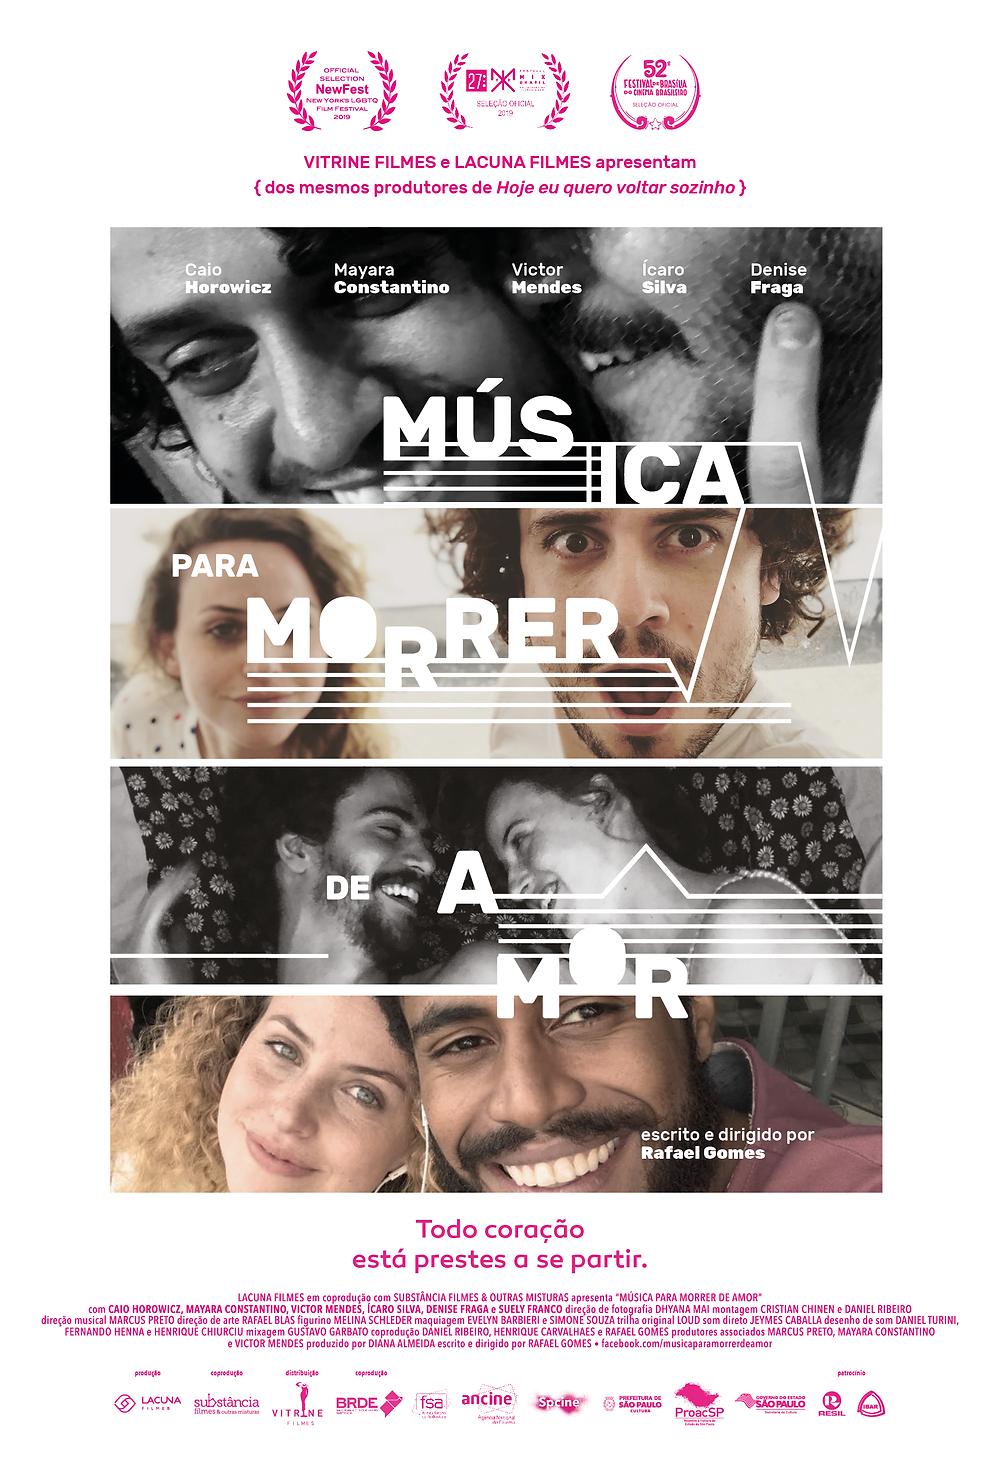 Cartaz do filme nacional Música para Morrer de Amor (2019), de Rafael Gomes | Divulgação (Lacuna Filmes / Vitrine Filmes)